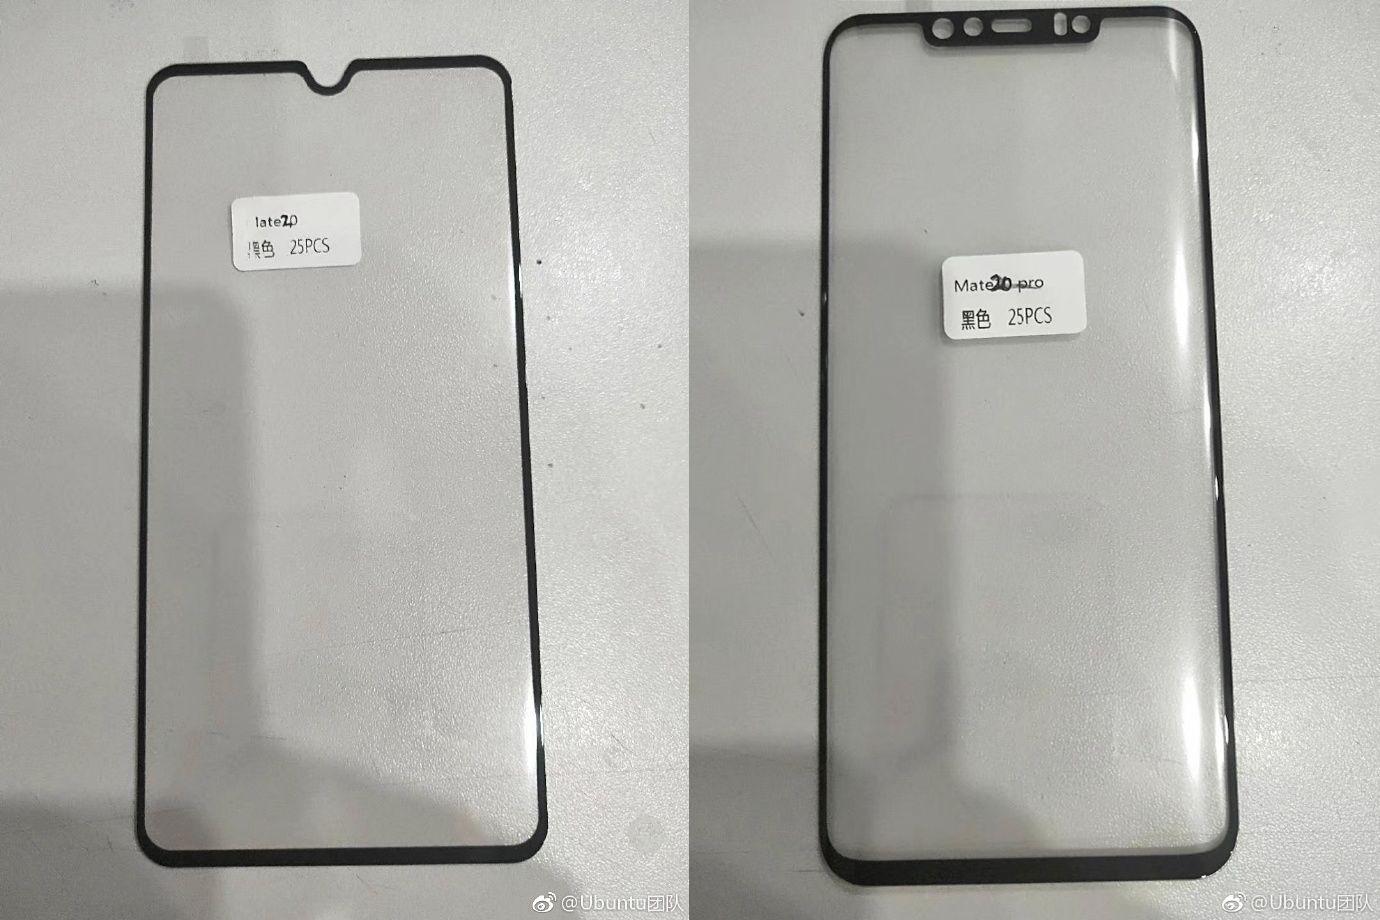 Περισσότερες λεπτομέρειες μας δίνει μια νέα προβολή εικόνας για τα Huawei Mate 20 και Mate 20 Pro 1